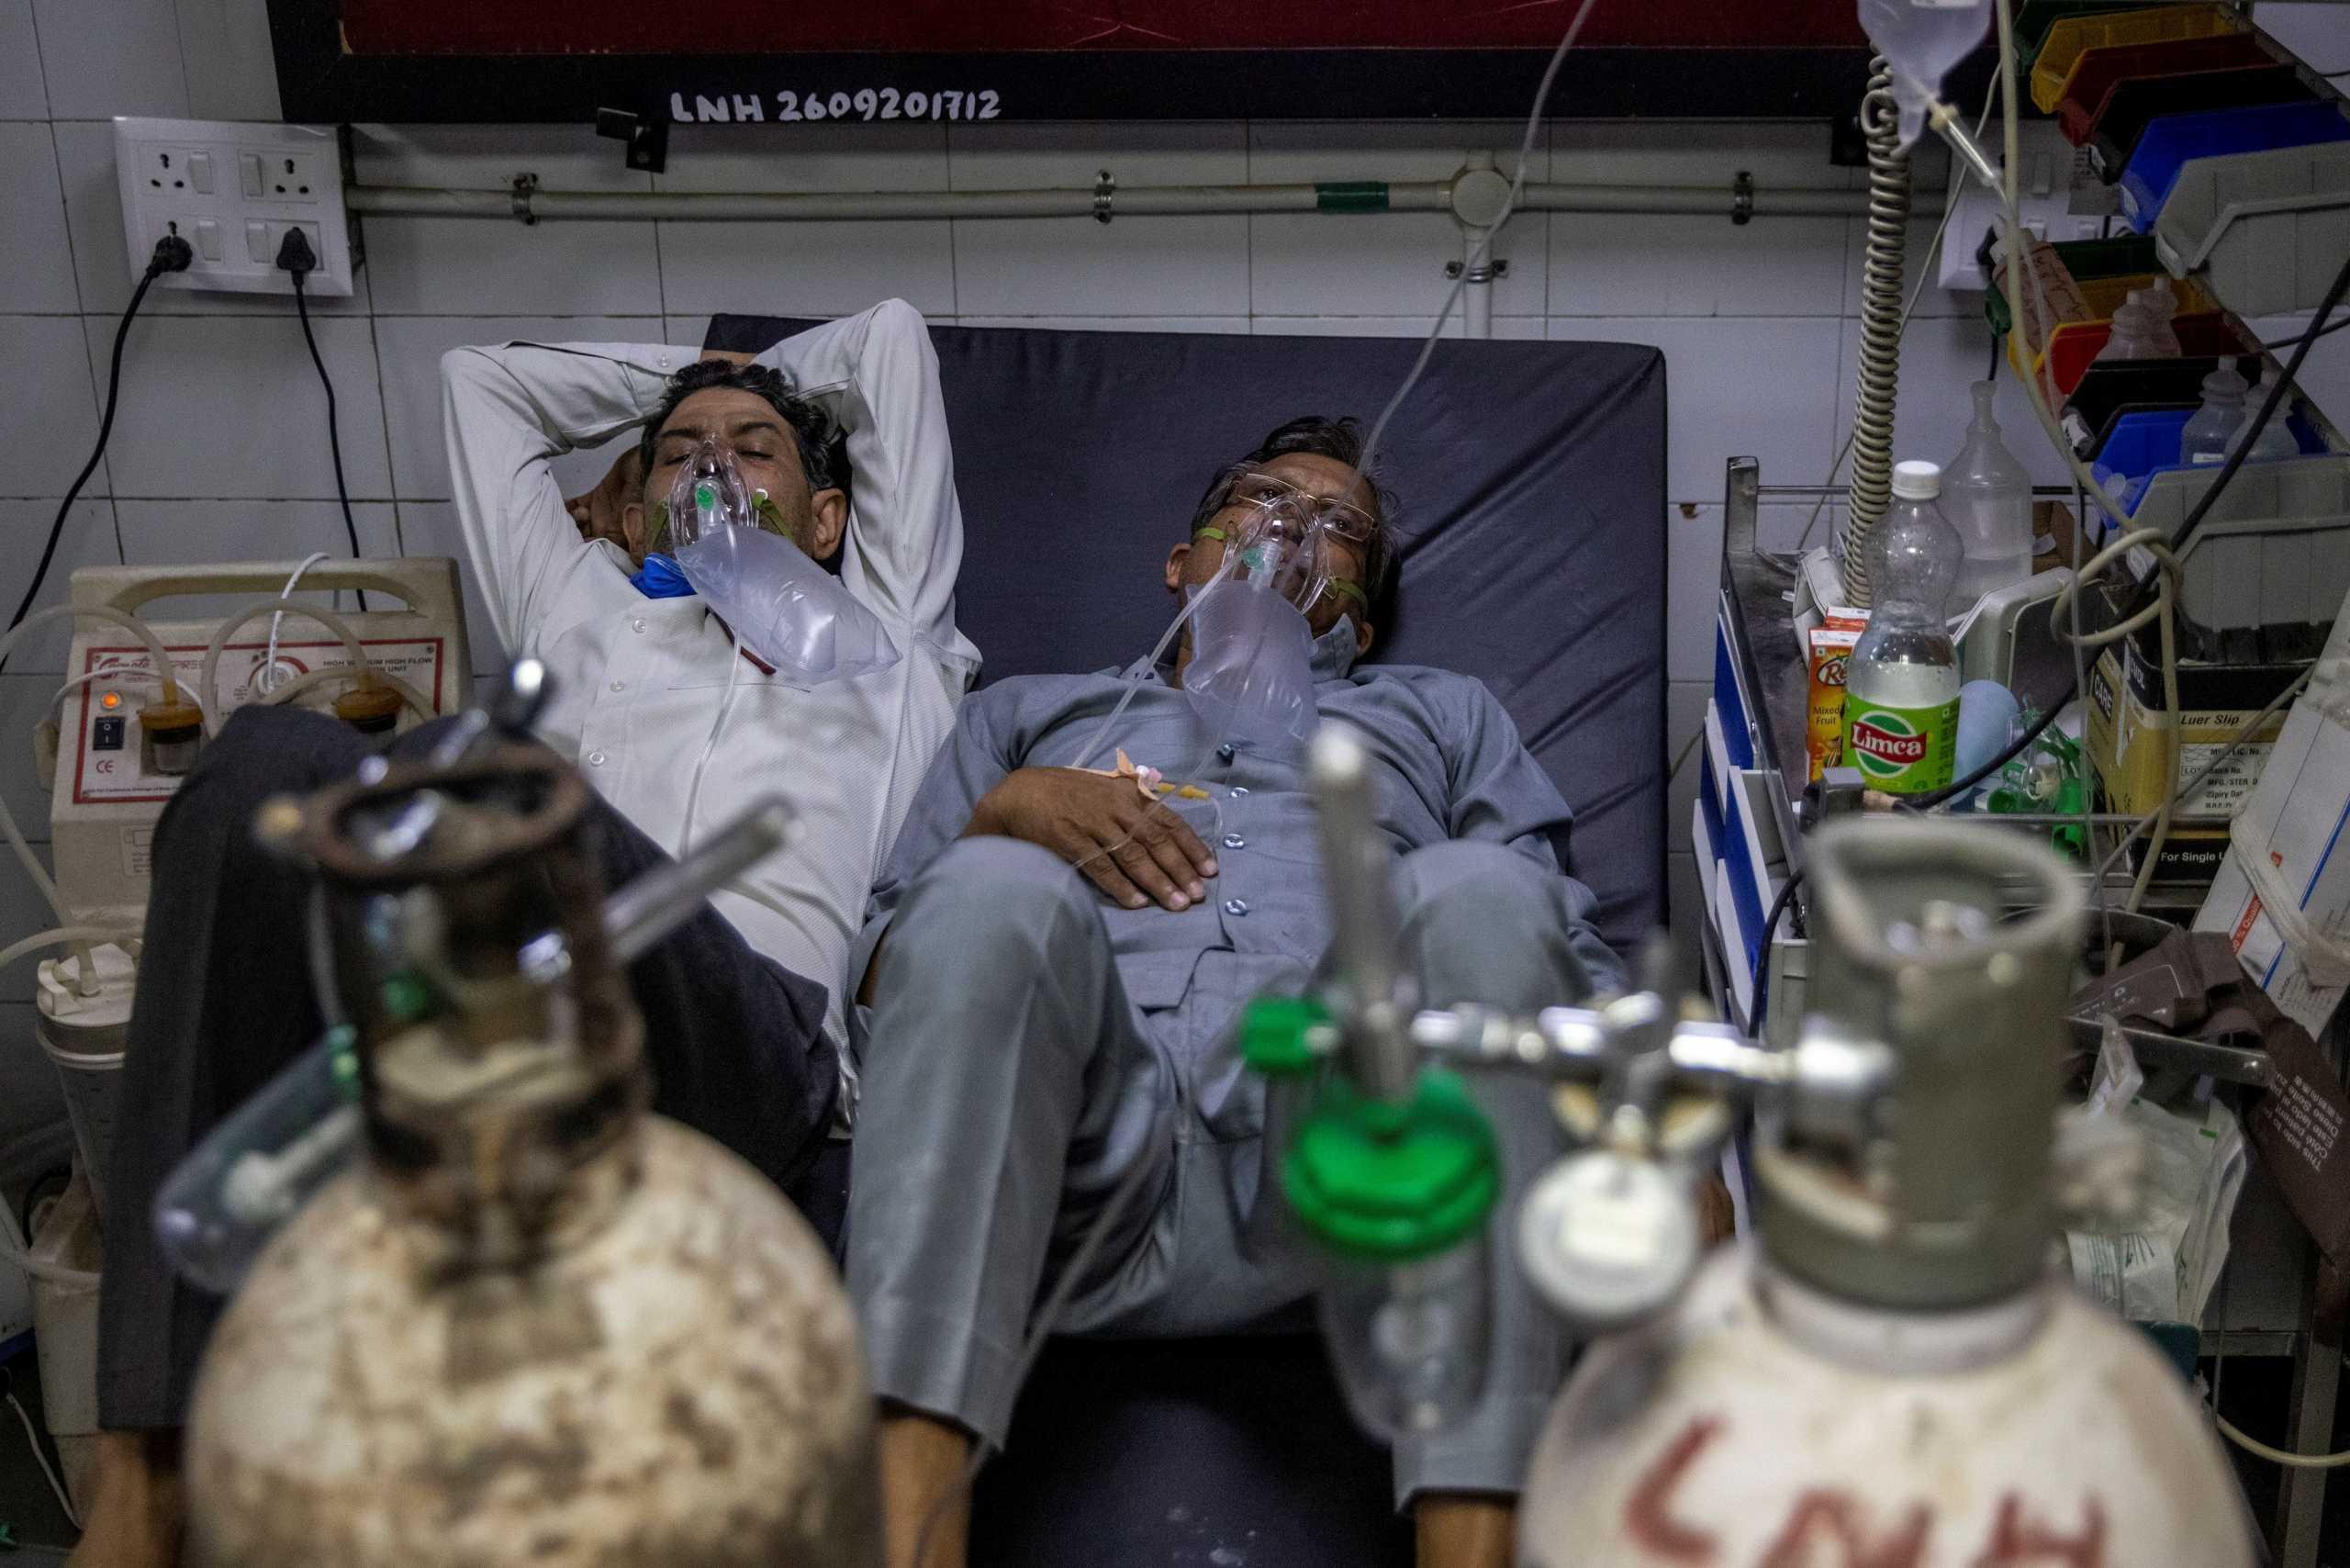 Κορονοϊός – Ινδία: Δυο – δυο οι ασθενείς στα κρεβάτια του νοσοκομείου και νεκροί στους διαδρόμους